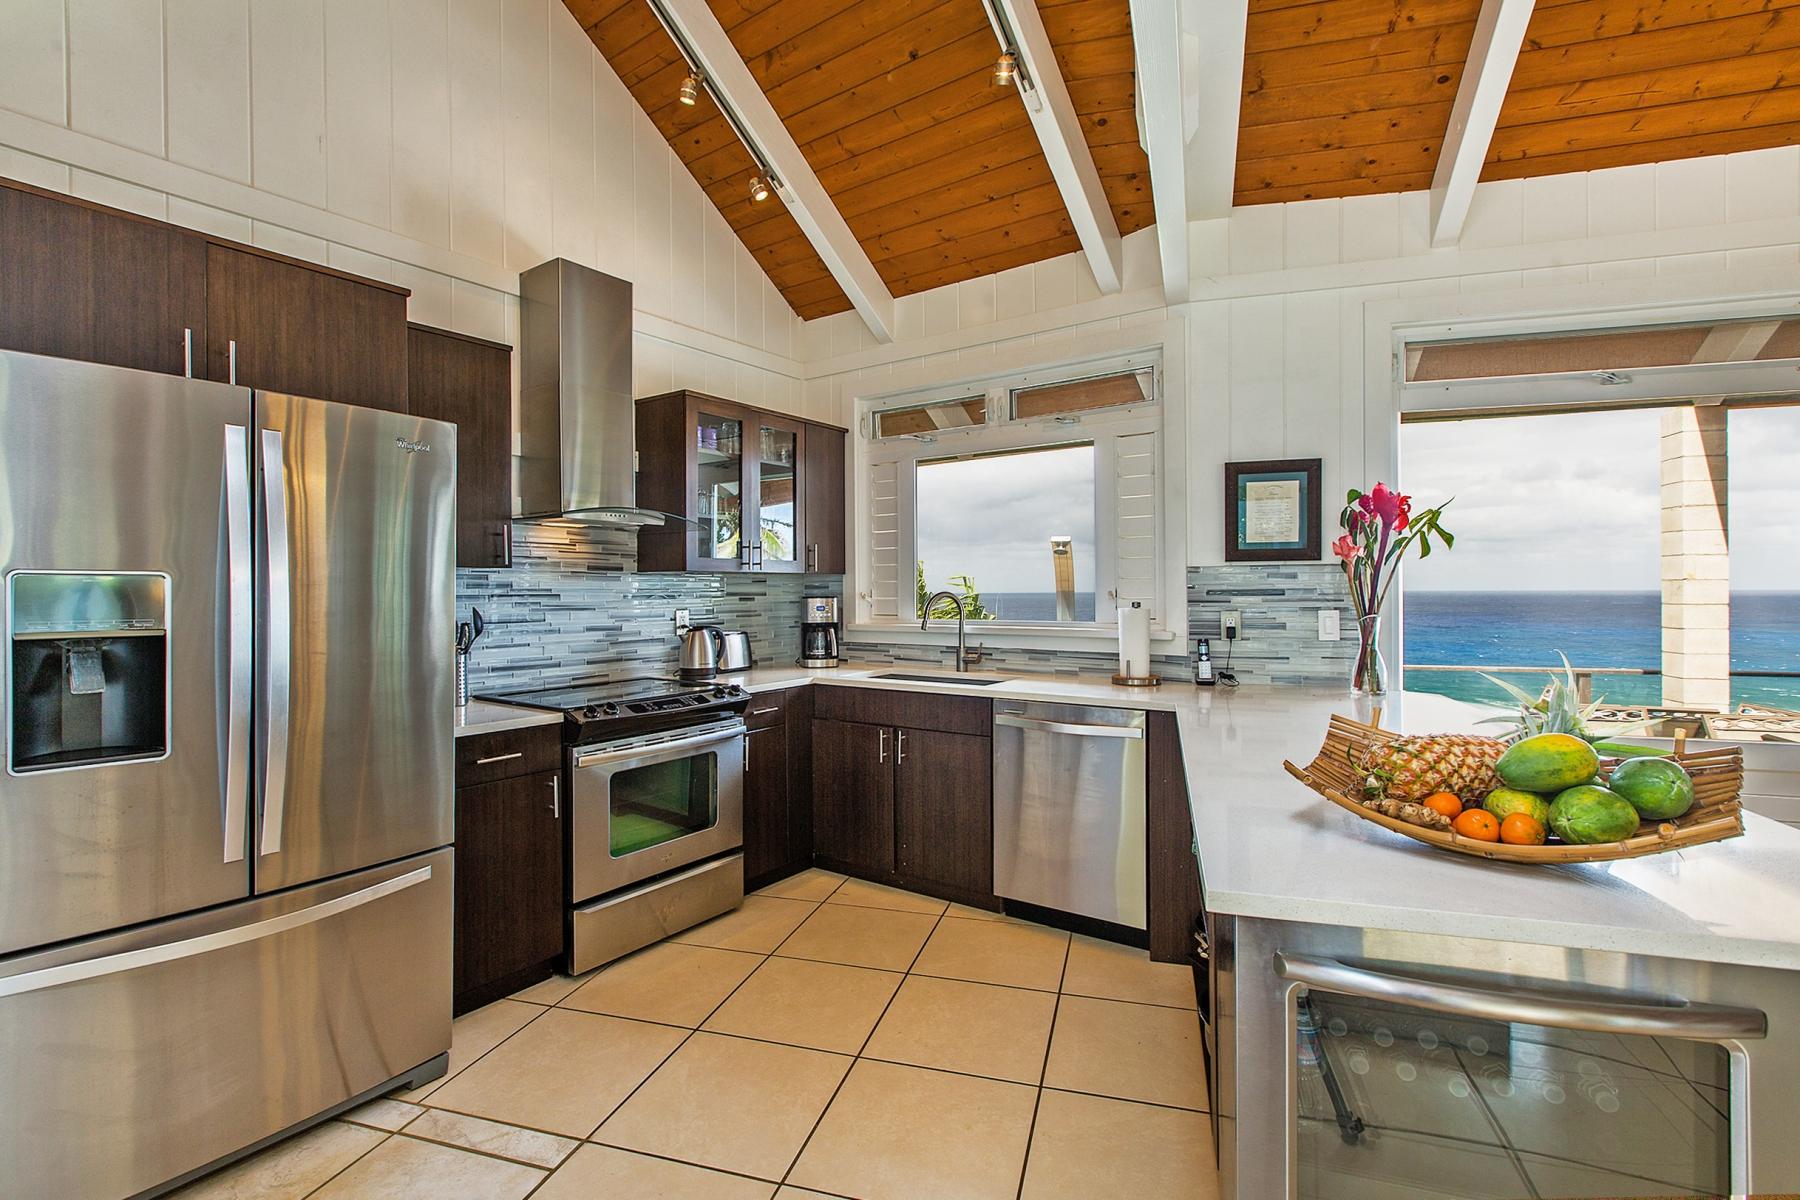 Kitchen-Area.jpg_1800x1200_2194233.jpg